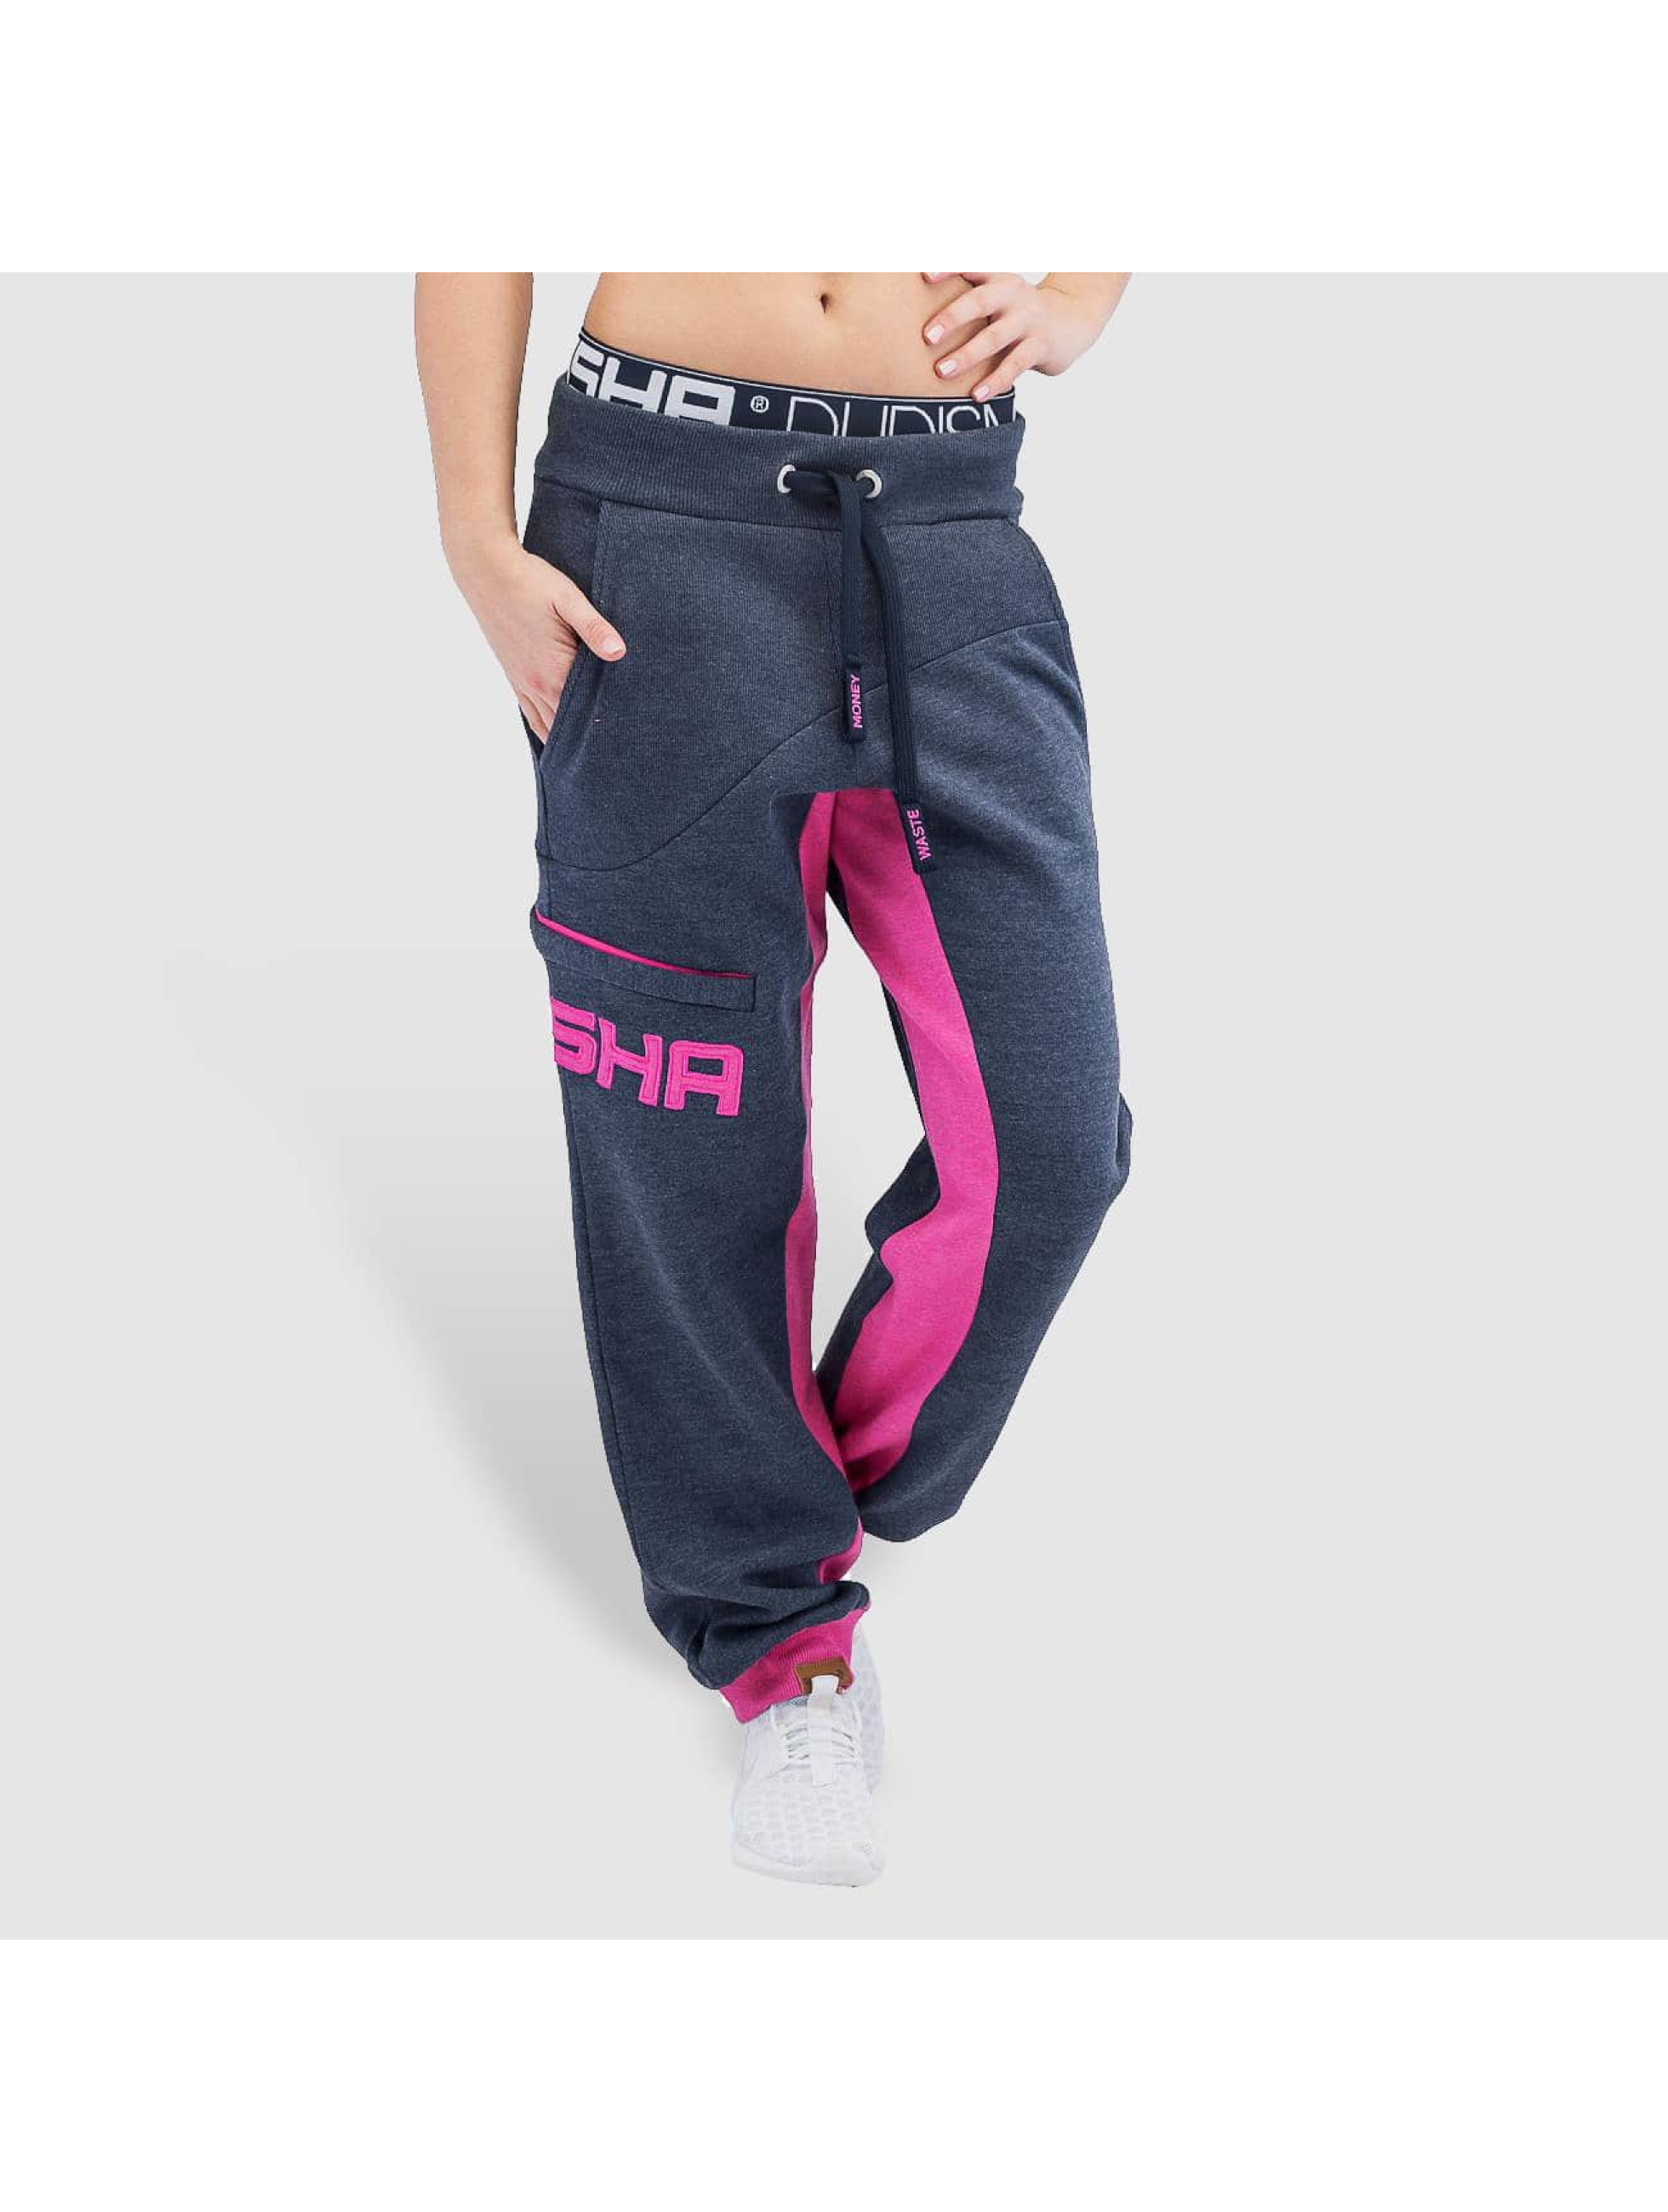 shisha damen hosen jogginghose sundag ebay. Black Bedroom Furniture Sets. Home Design Ideas